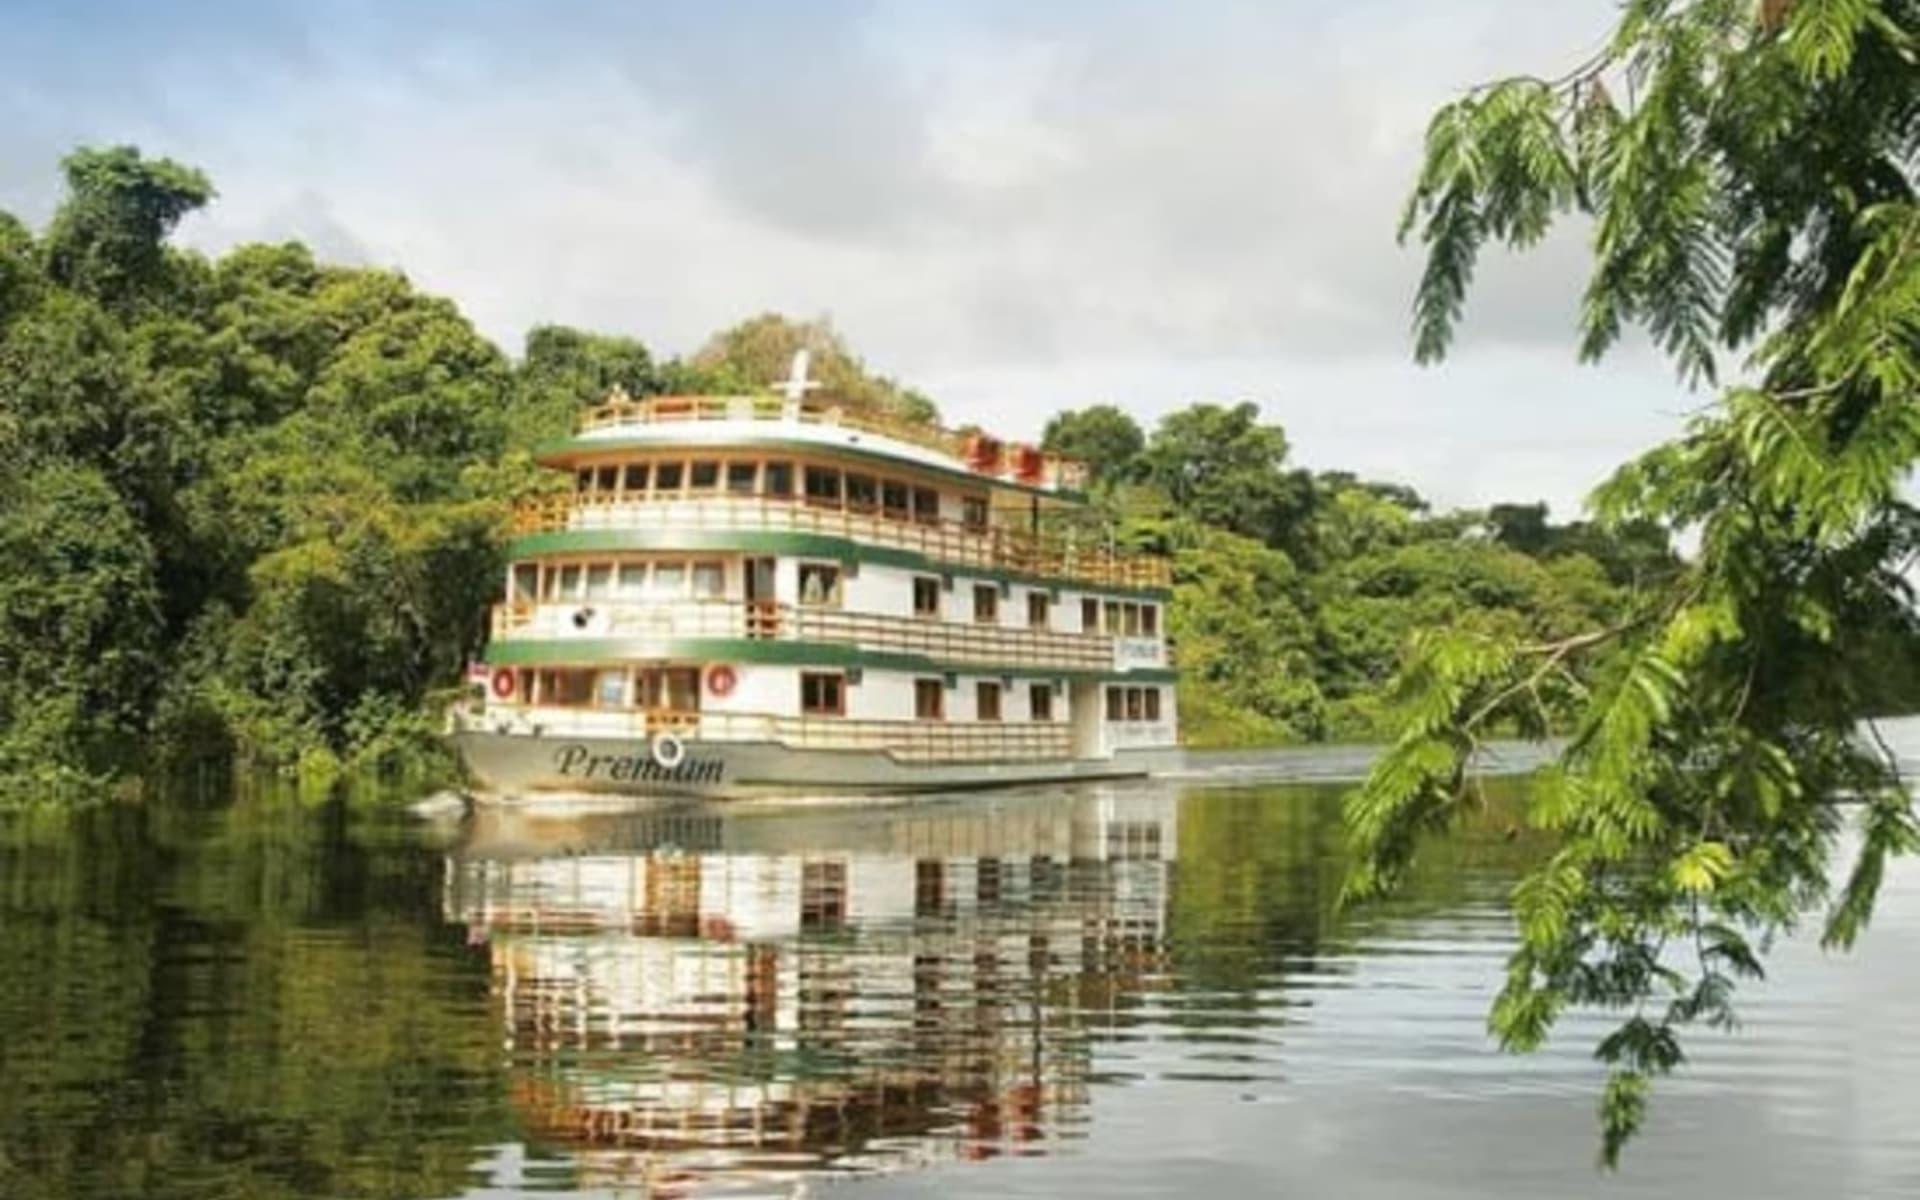 Flussfahrt Amazon Clipper Cruises / Rio Negro ab Manaus: Clipper Premium von vorne